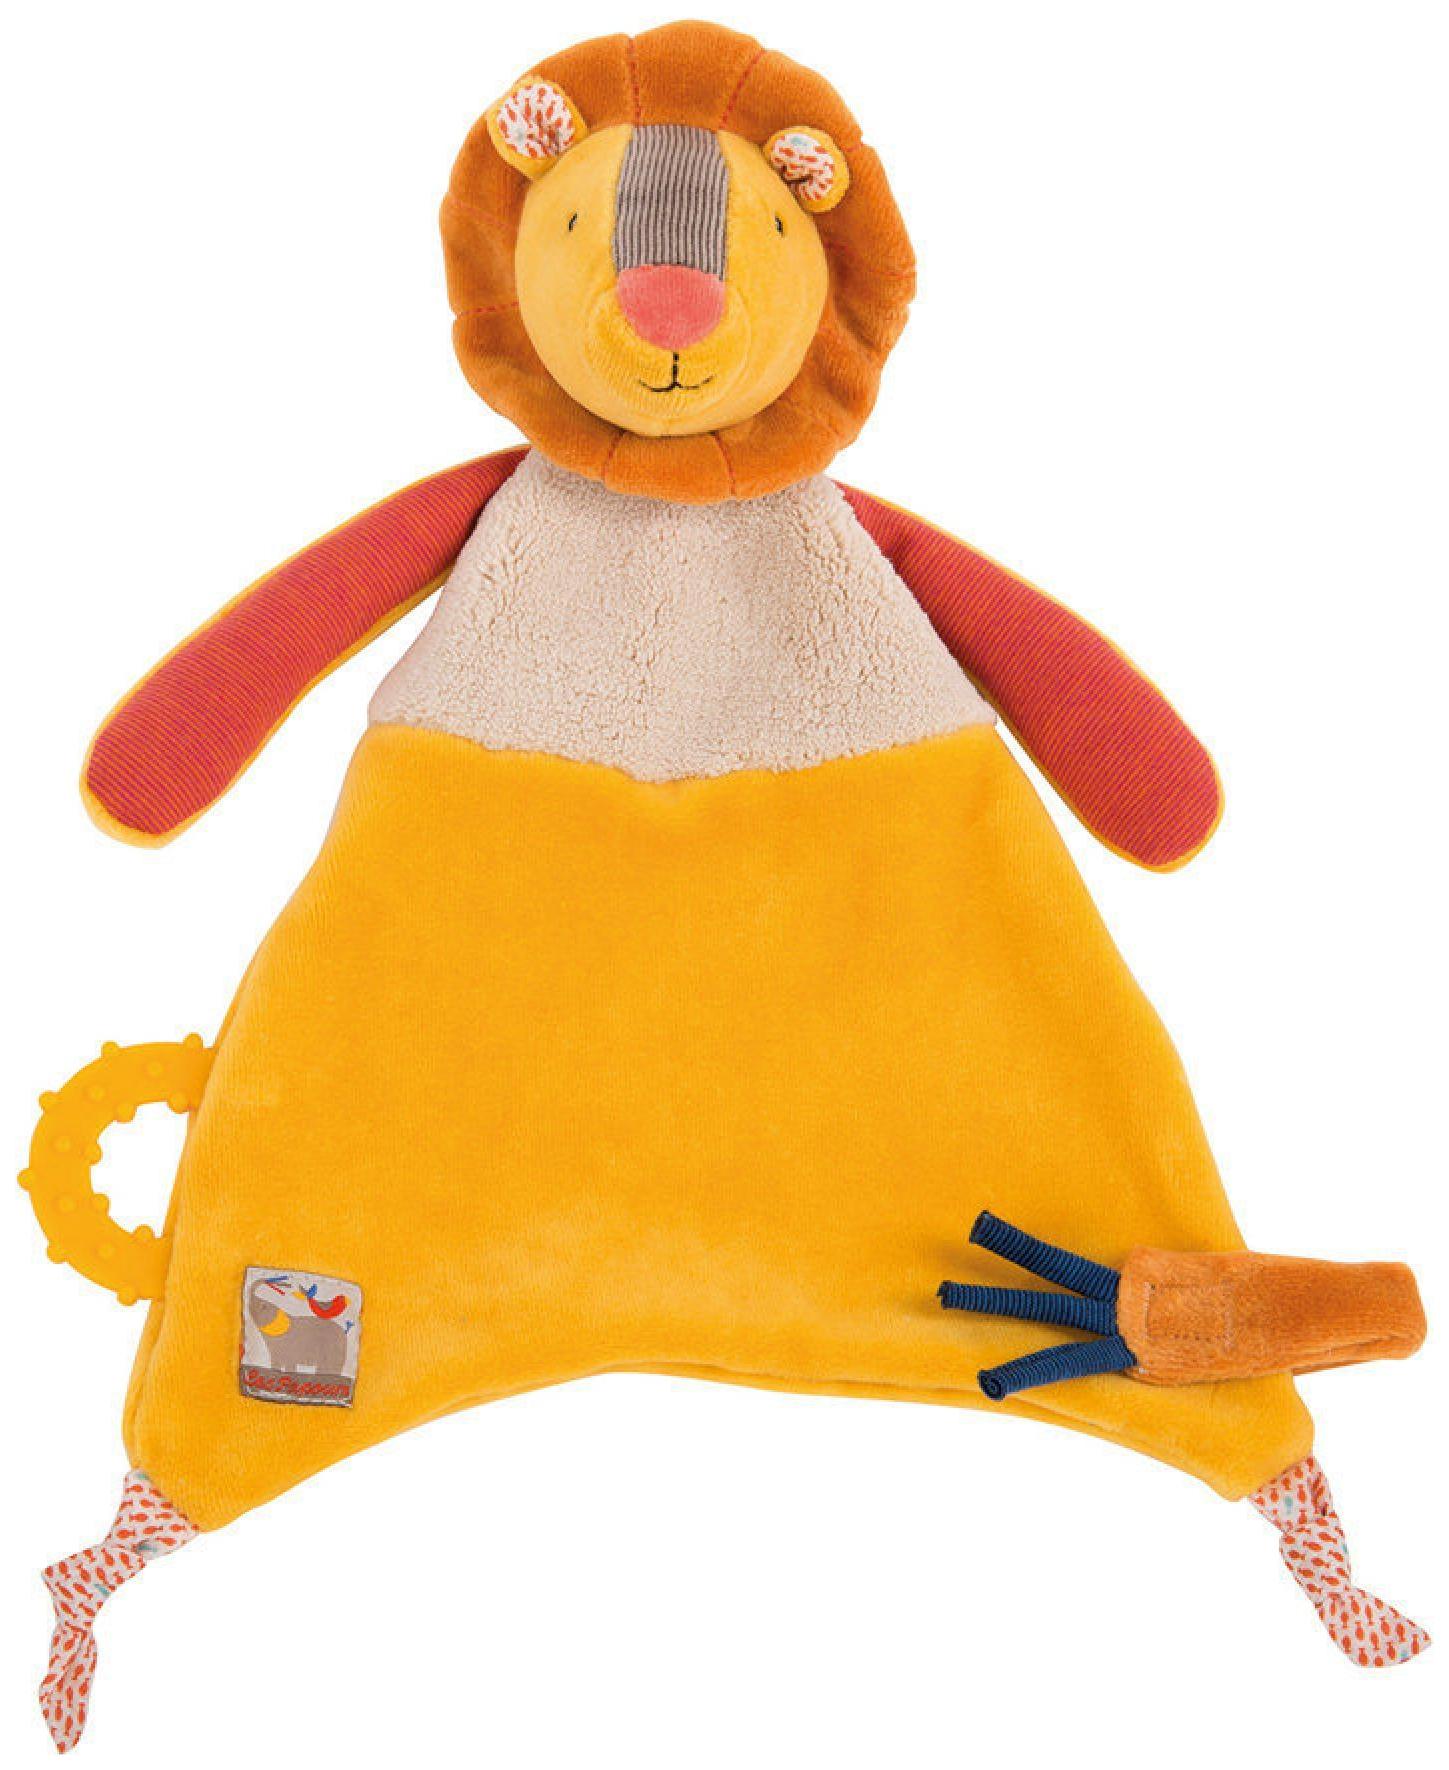 Купить Львенок комфортер 658017, Игрушка-комфортер Львёнок Moulin Roty 658017, Комфортеры для новорожденных